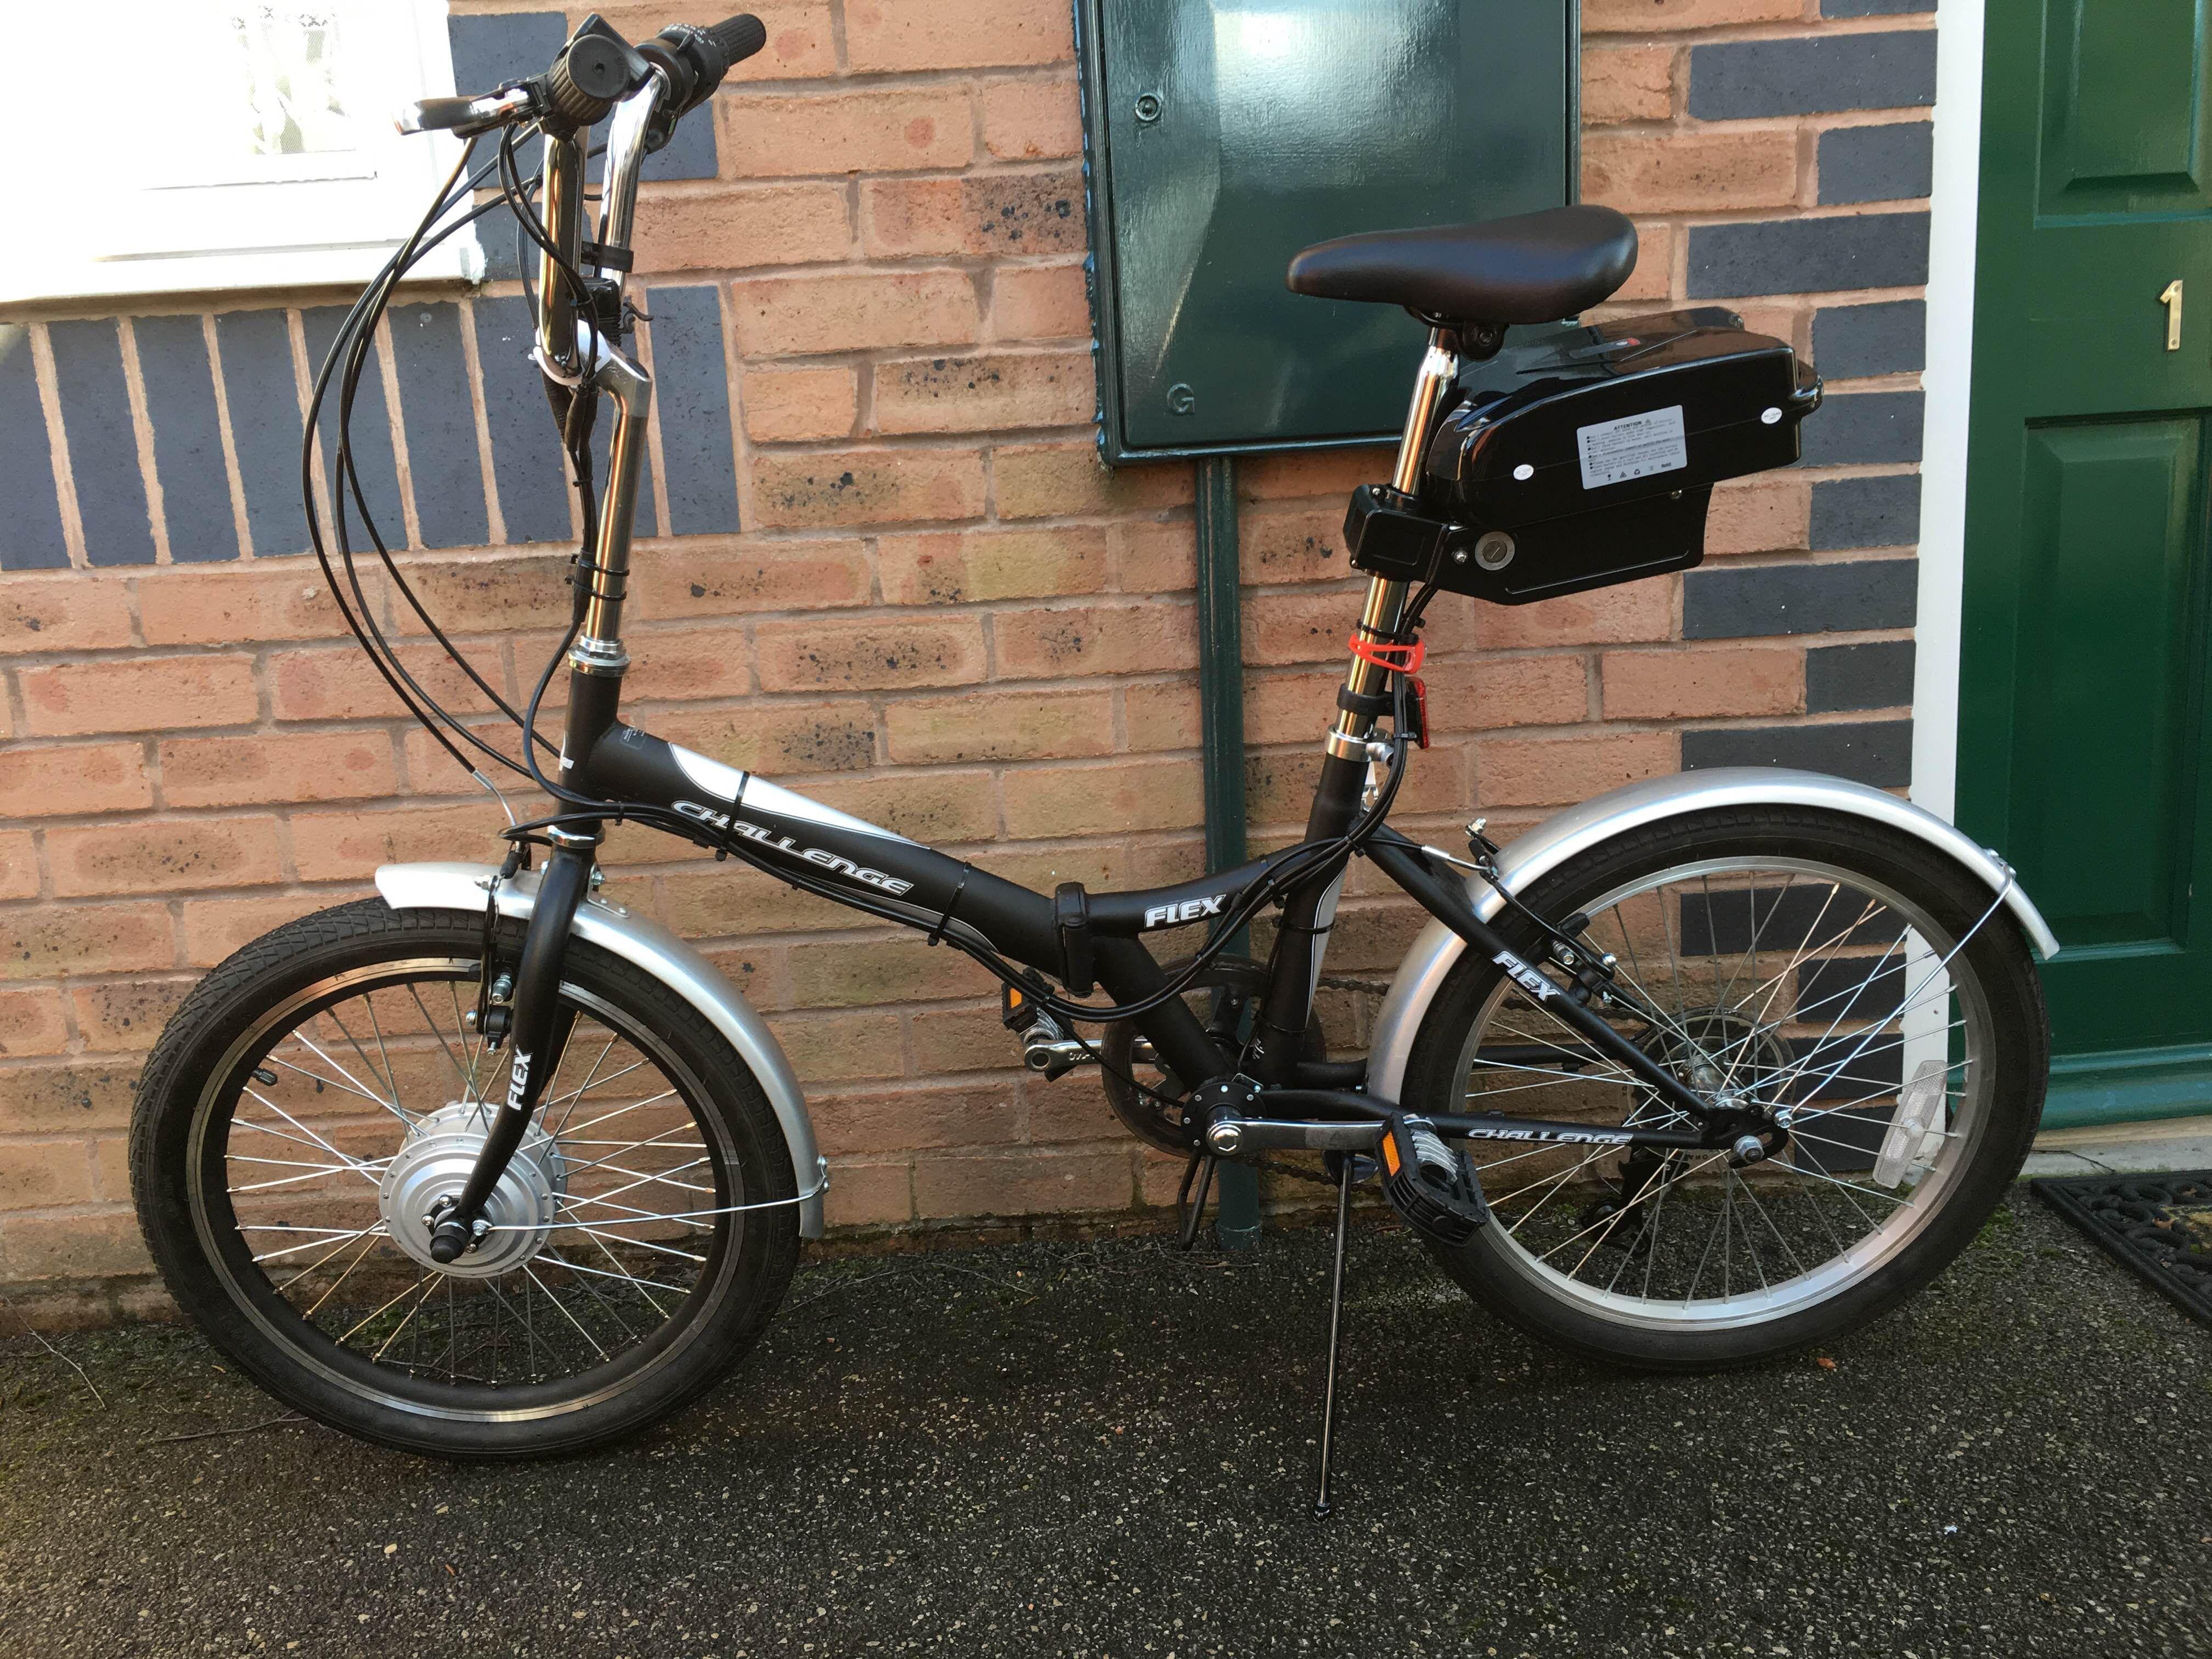 Folding Bike Electric Bike Conversion Folding Electric Bike Electric Bike Conversion Electric Bike Kits